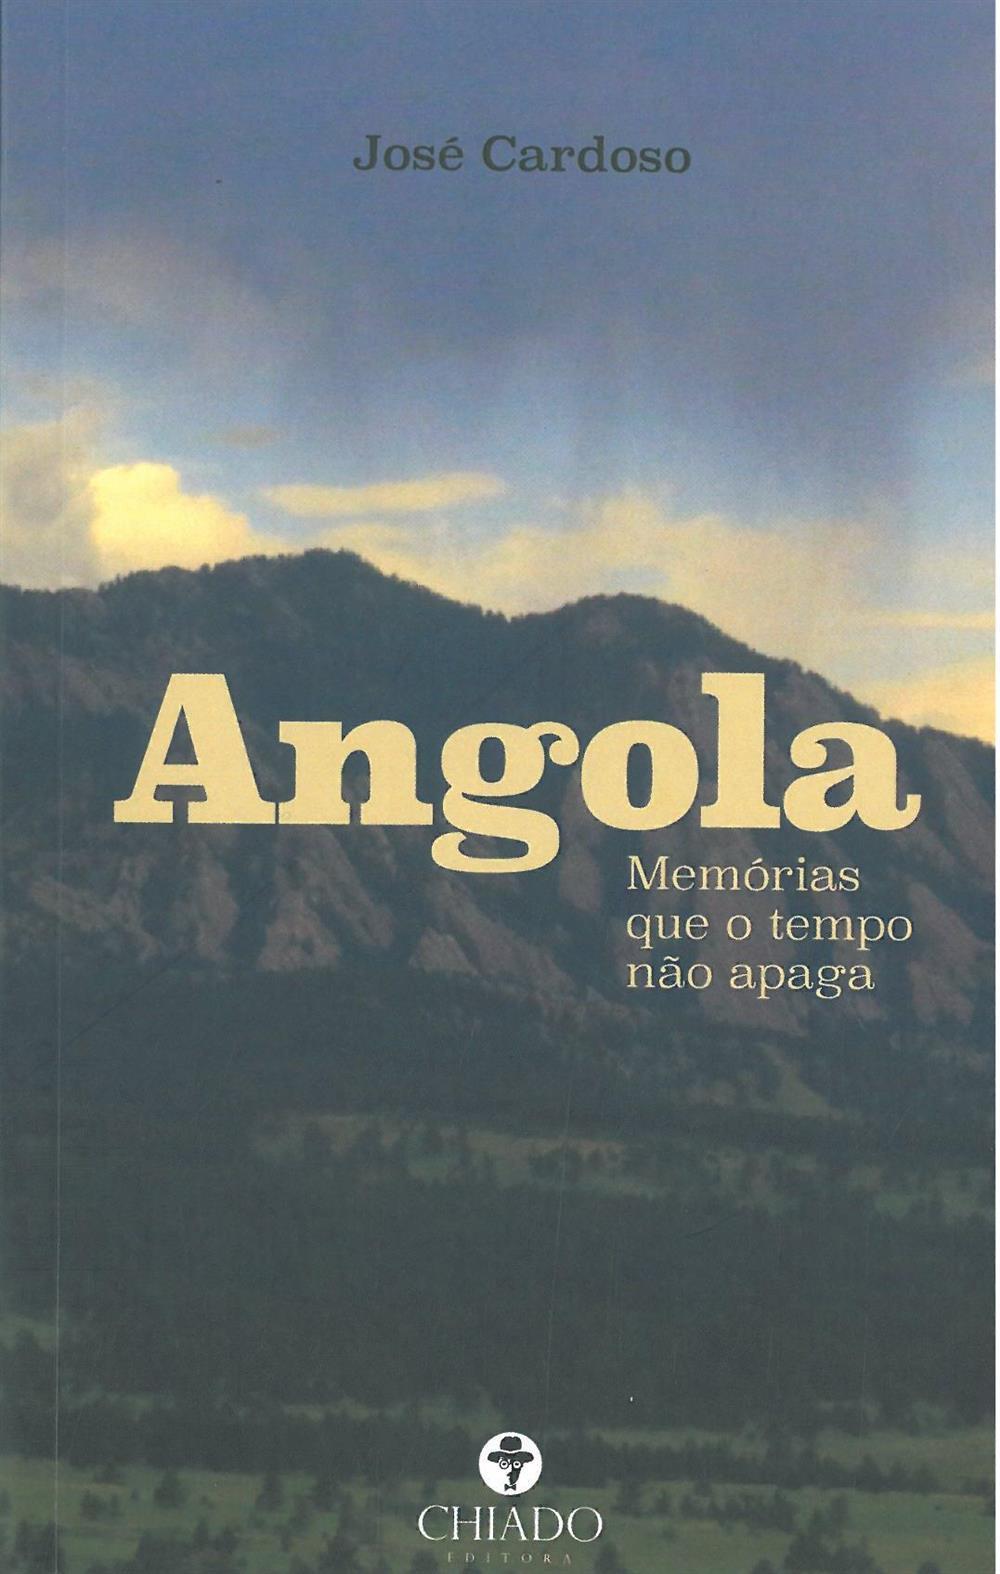 Angola_memórias que o tempo não apaga.jpg